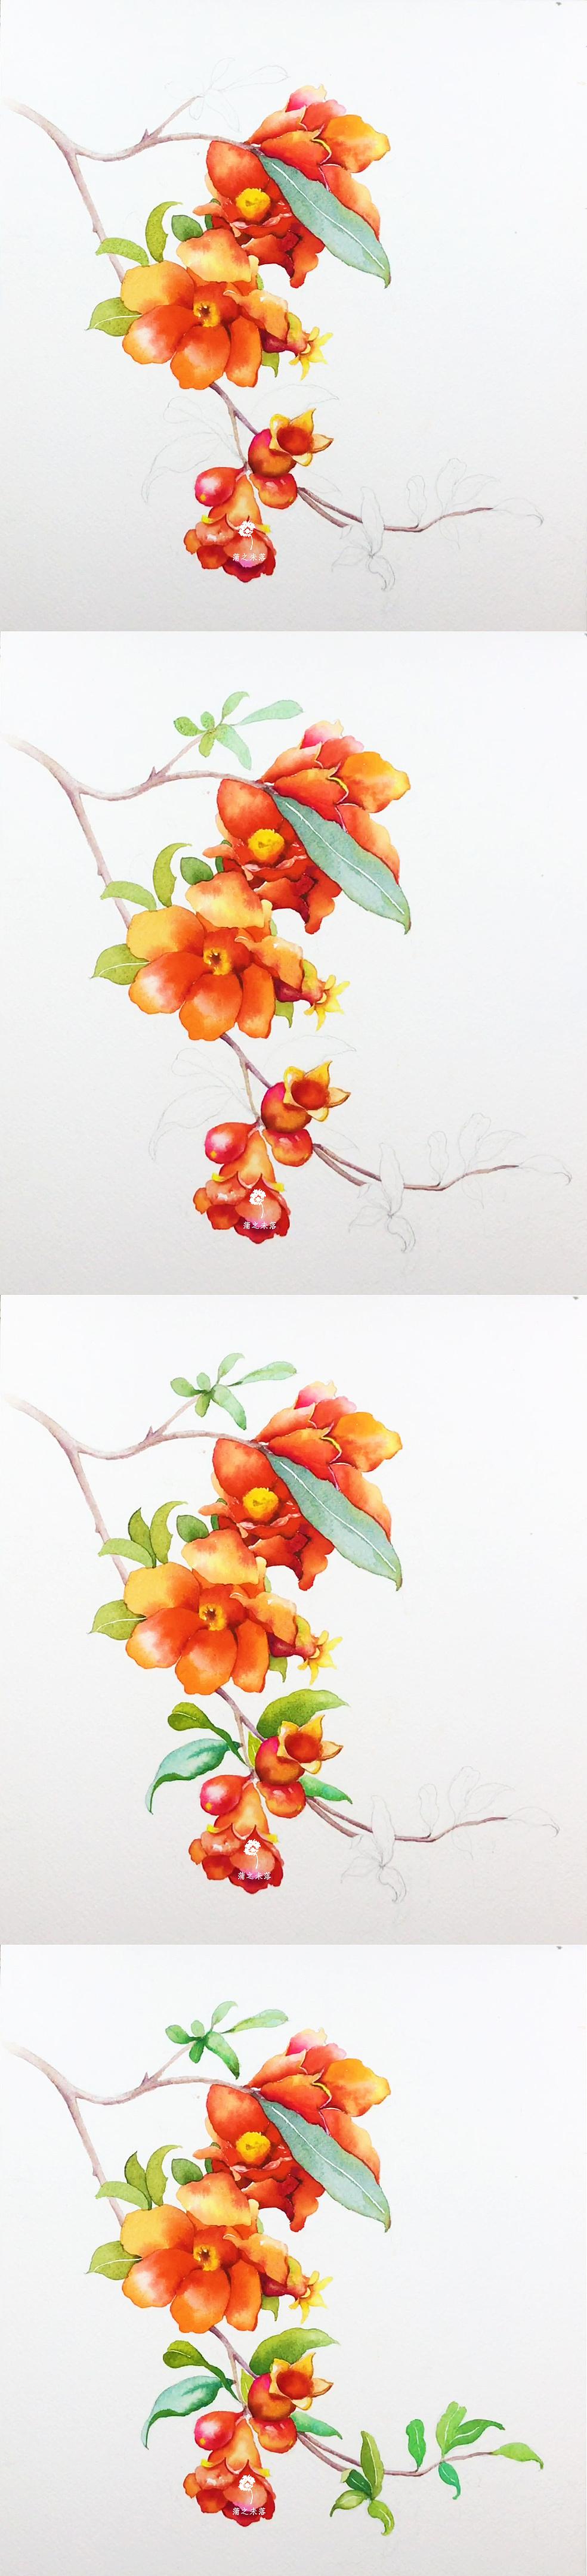 【水彩手绘】《石榴花》『蒲之未落水彩欣赏』